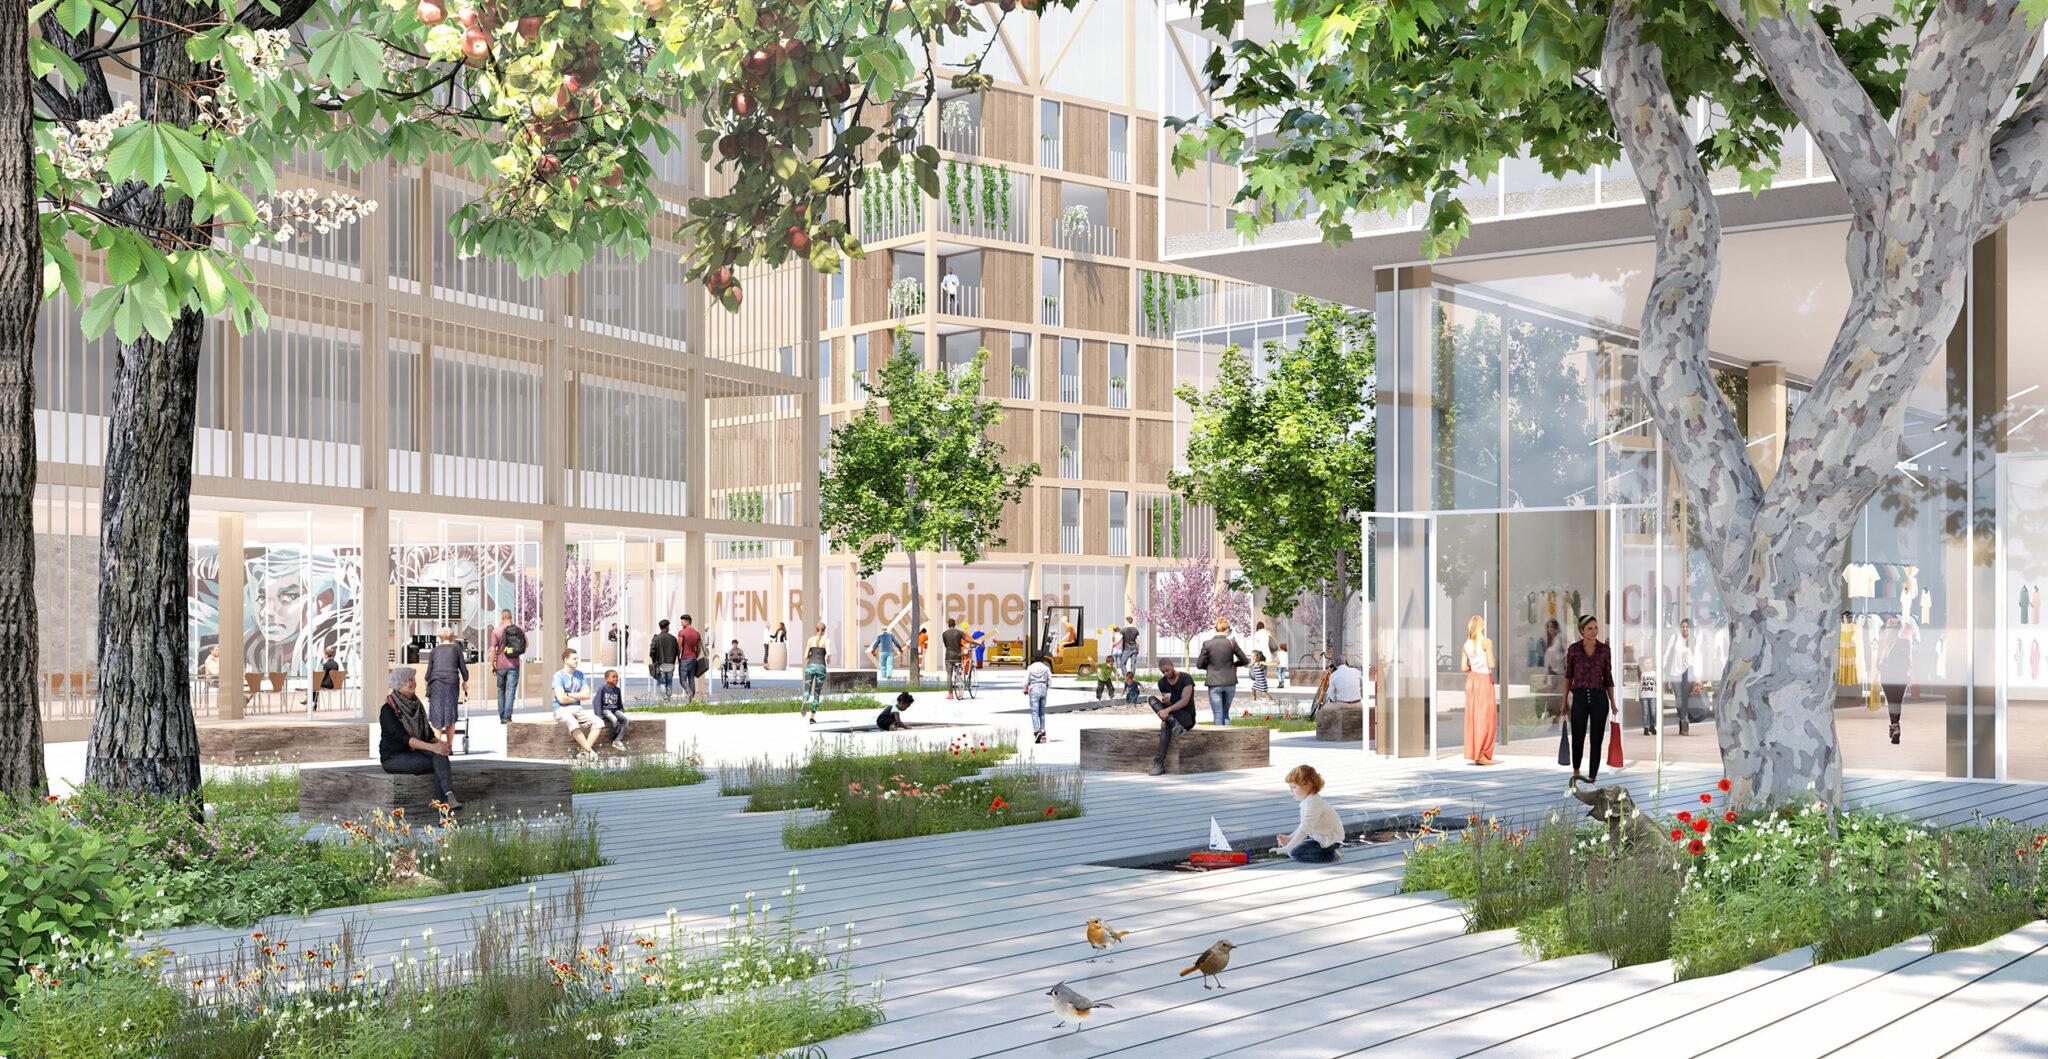 Postareal Böblingen: Visualisierung aus dem Siegerentwurf (Bild: Büros Gutiérrez - De la Fuente Arquitectos / UTA Architekten und Stadtplaner)